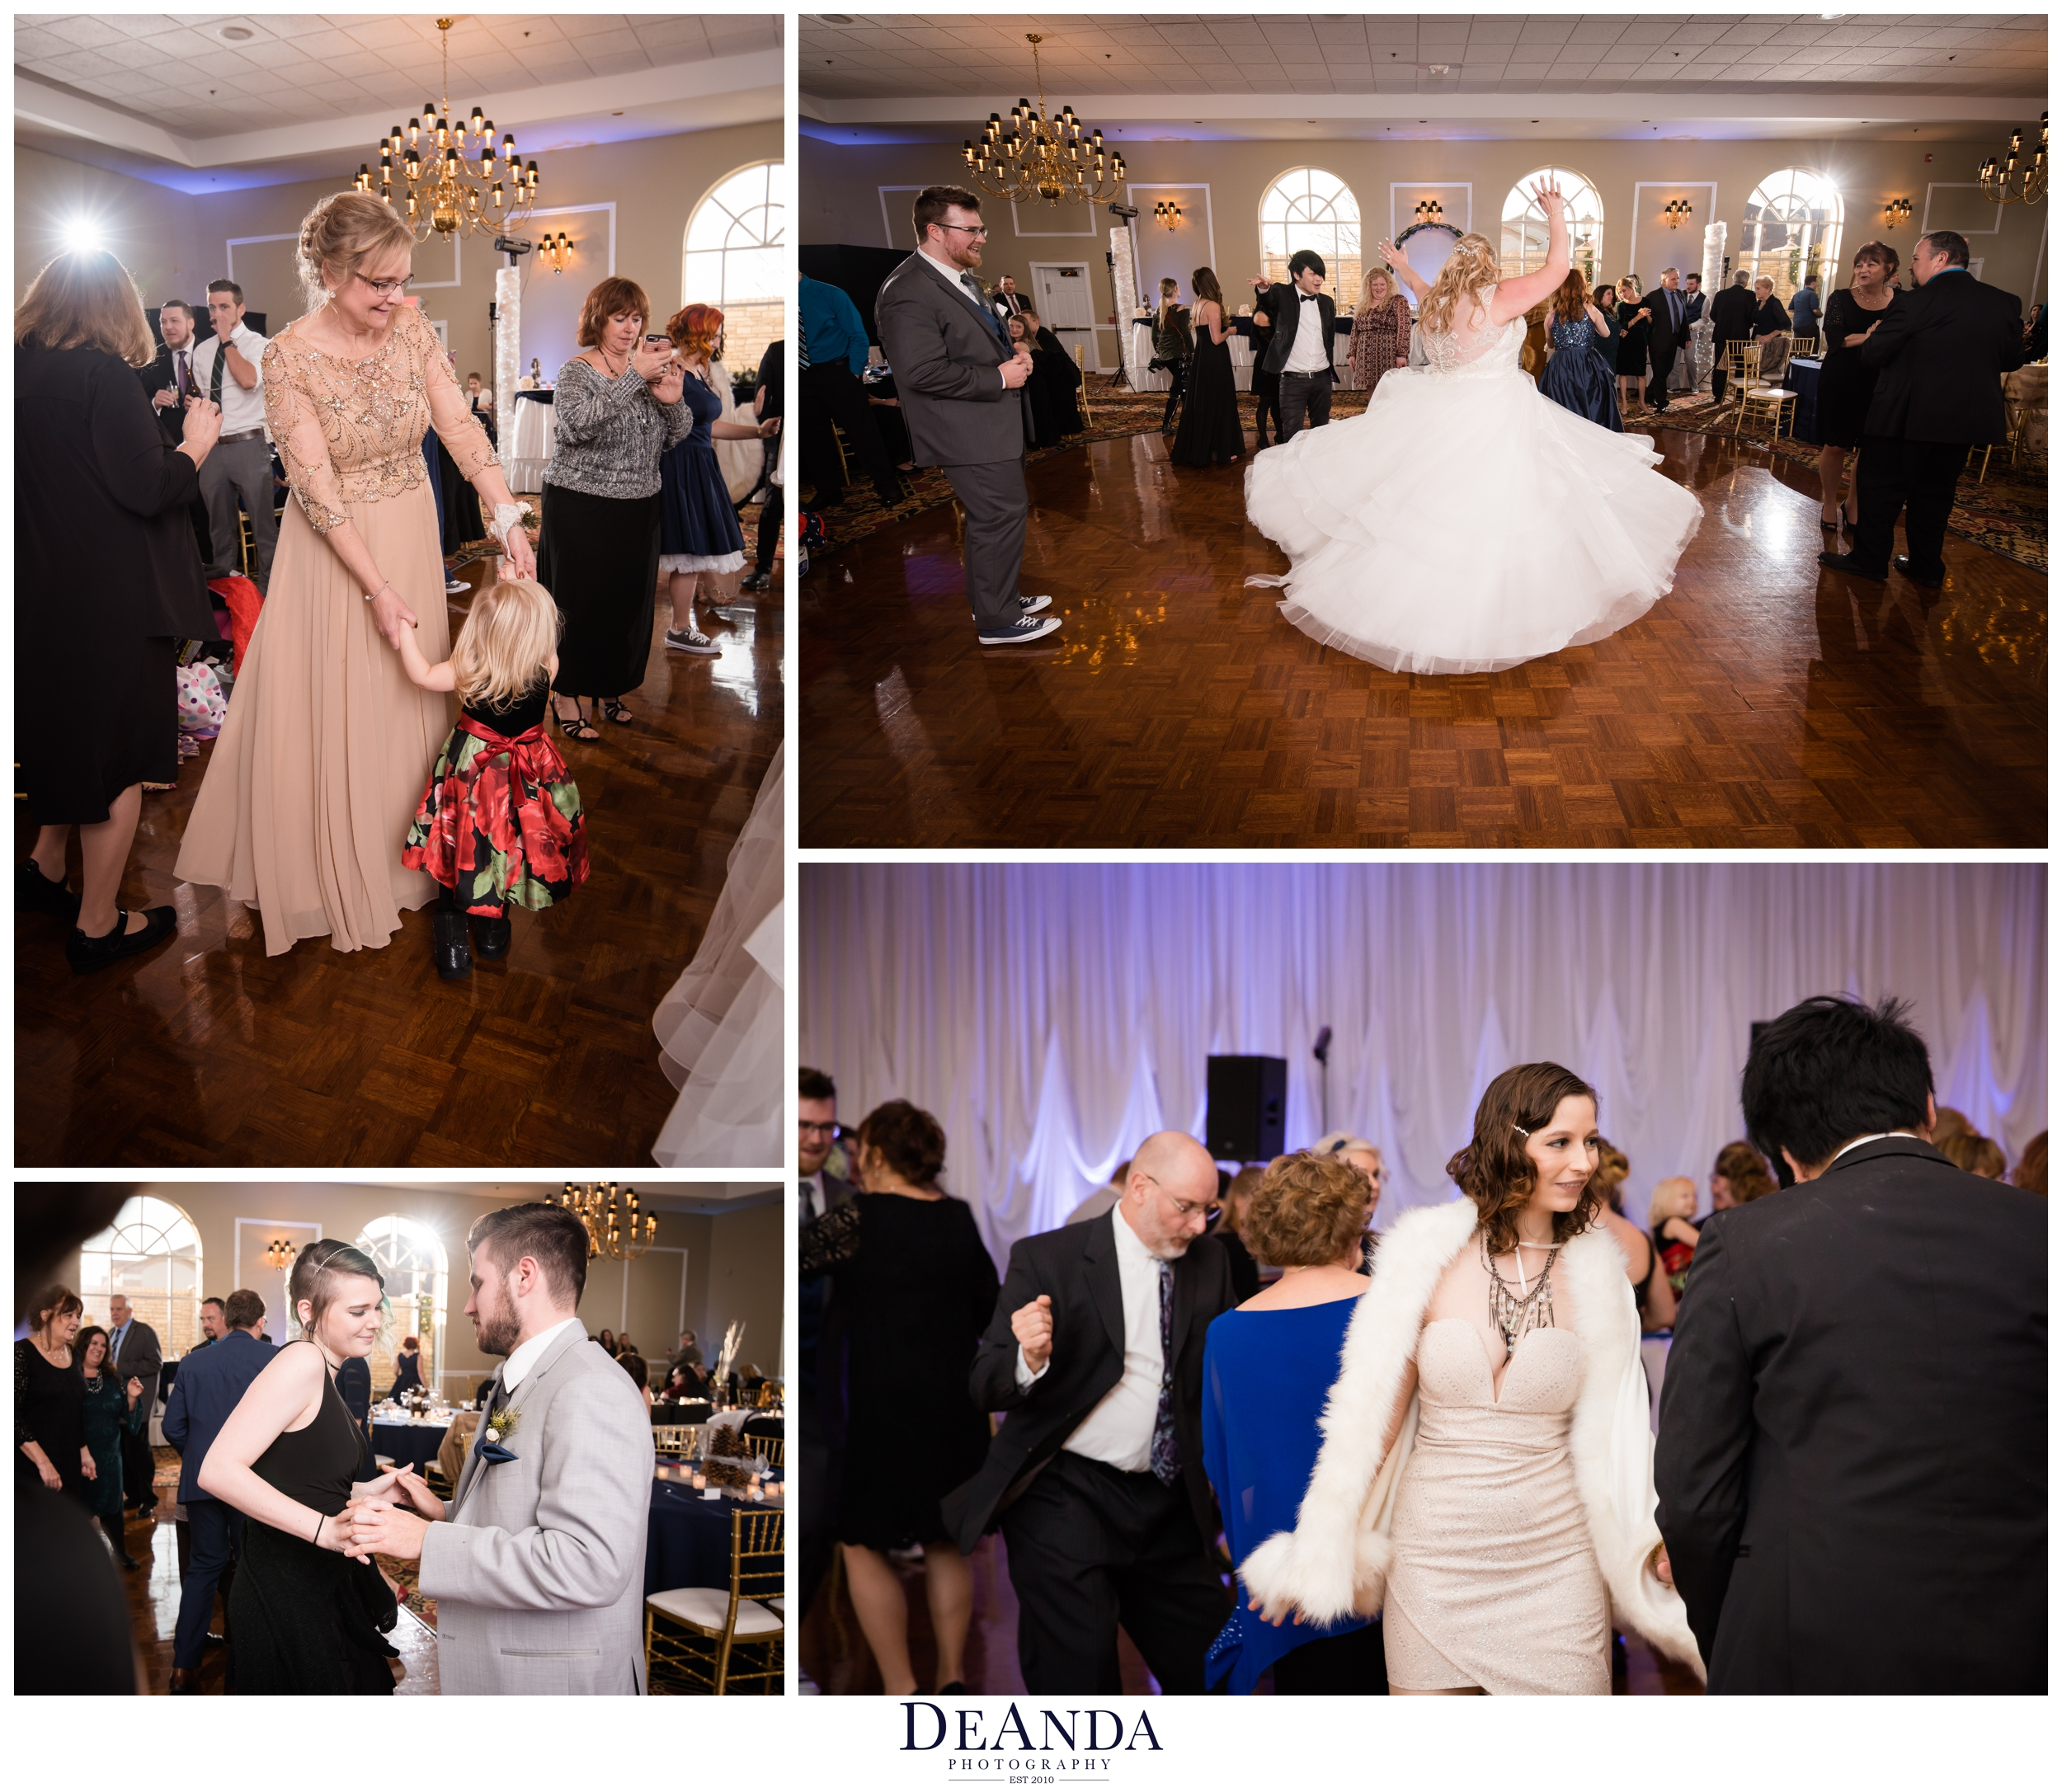 open dance at wedding at tuscany falls